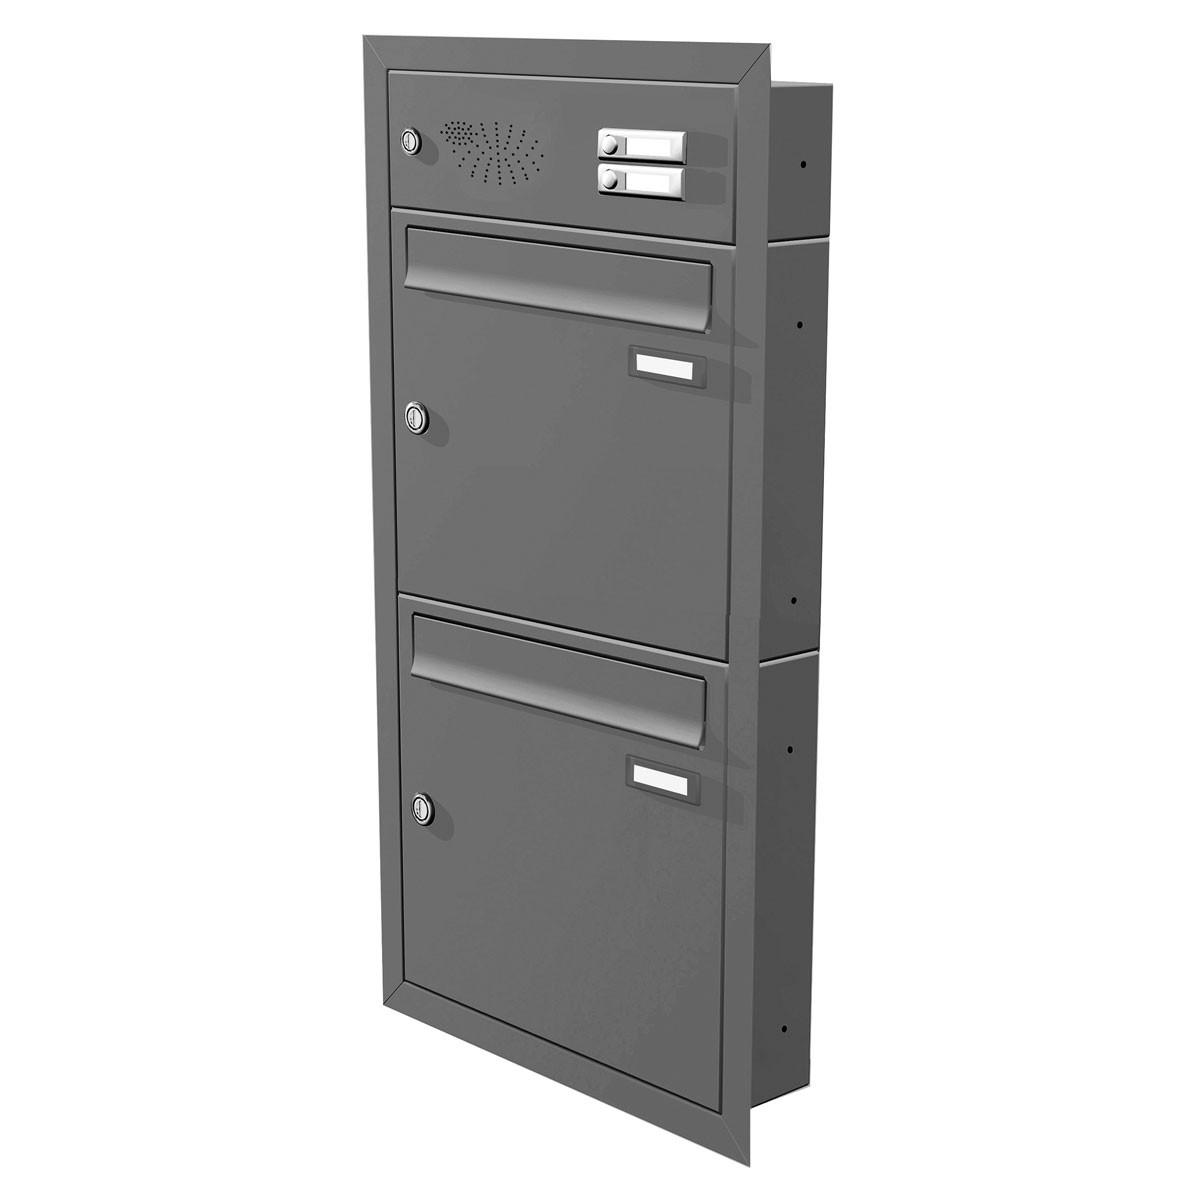 max knobloch unterputz briefkastenanlage 1 12 briefk sten te110 funktionstasten ebay. Black Bedroom Furniture Sets. Home Design Ideas